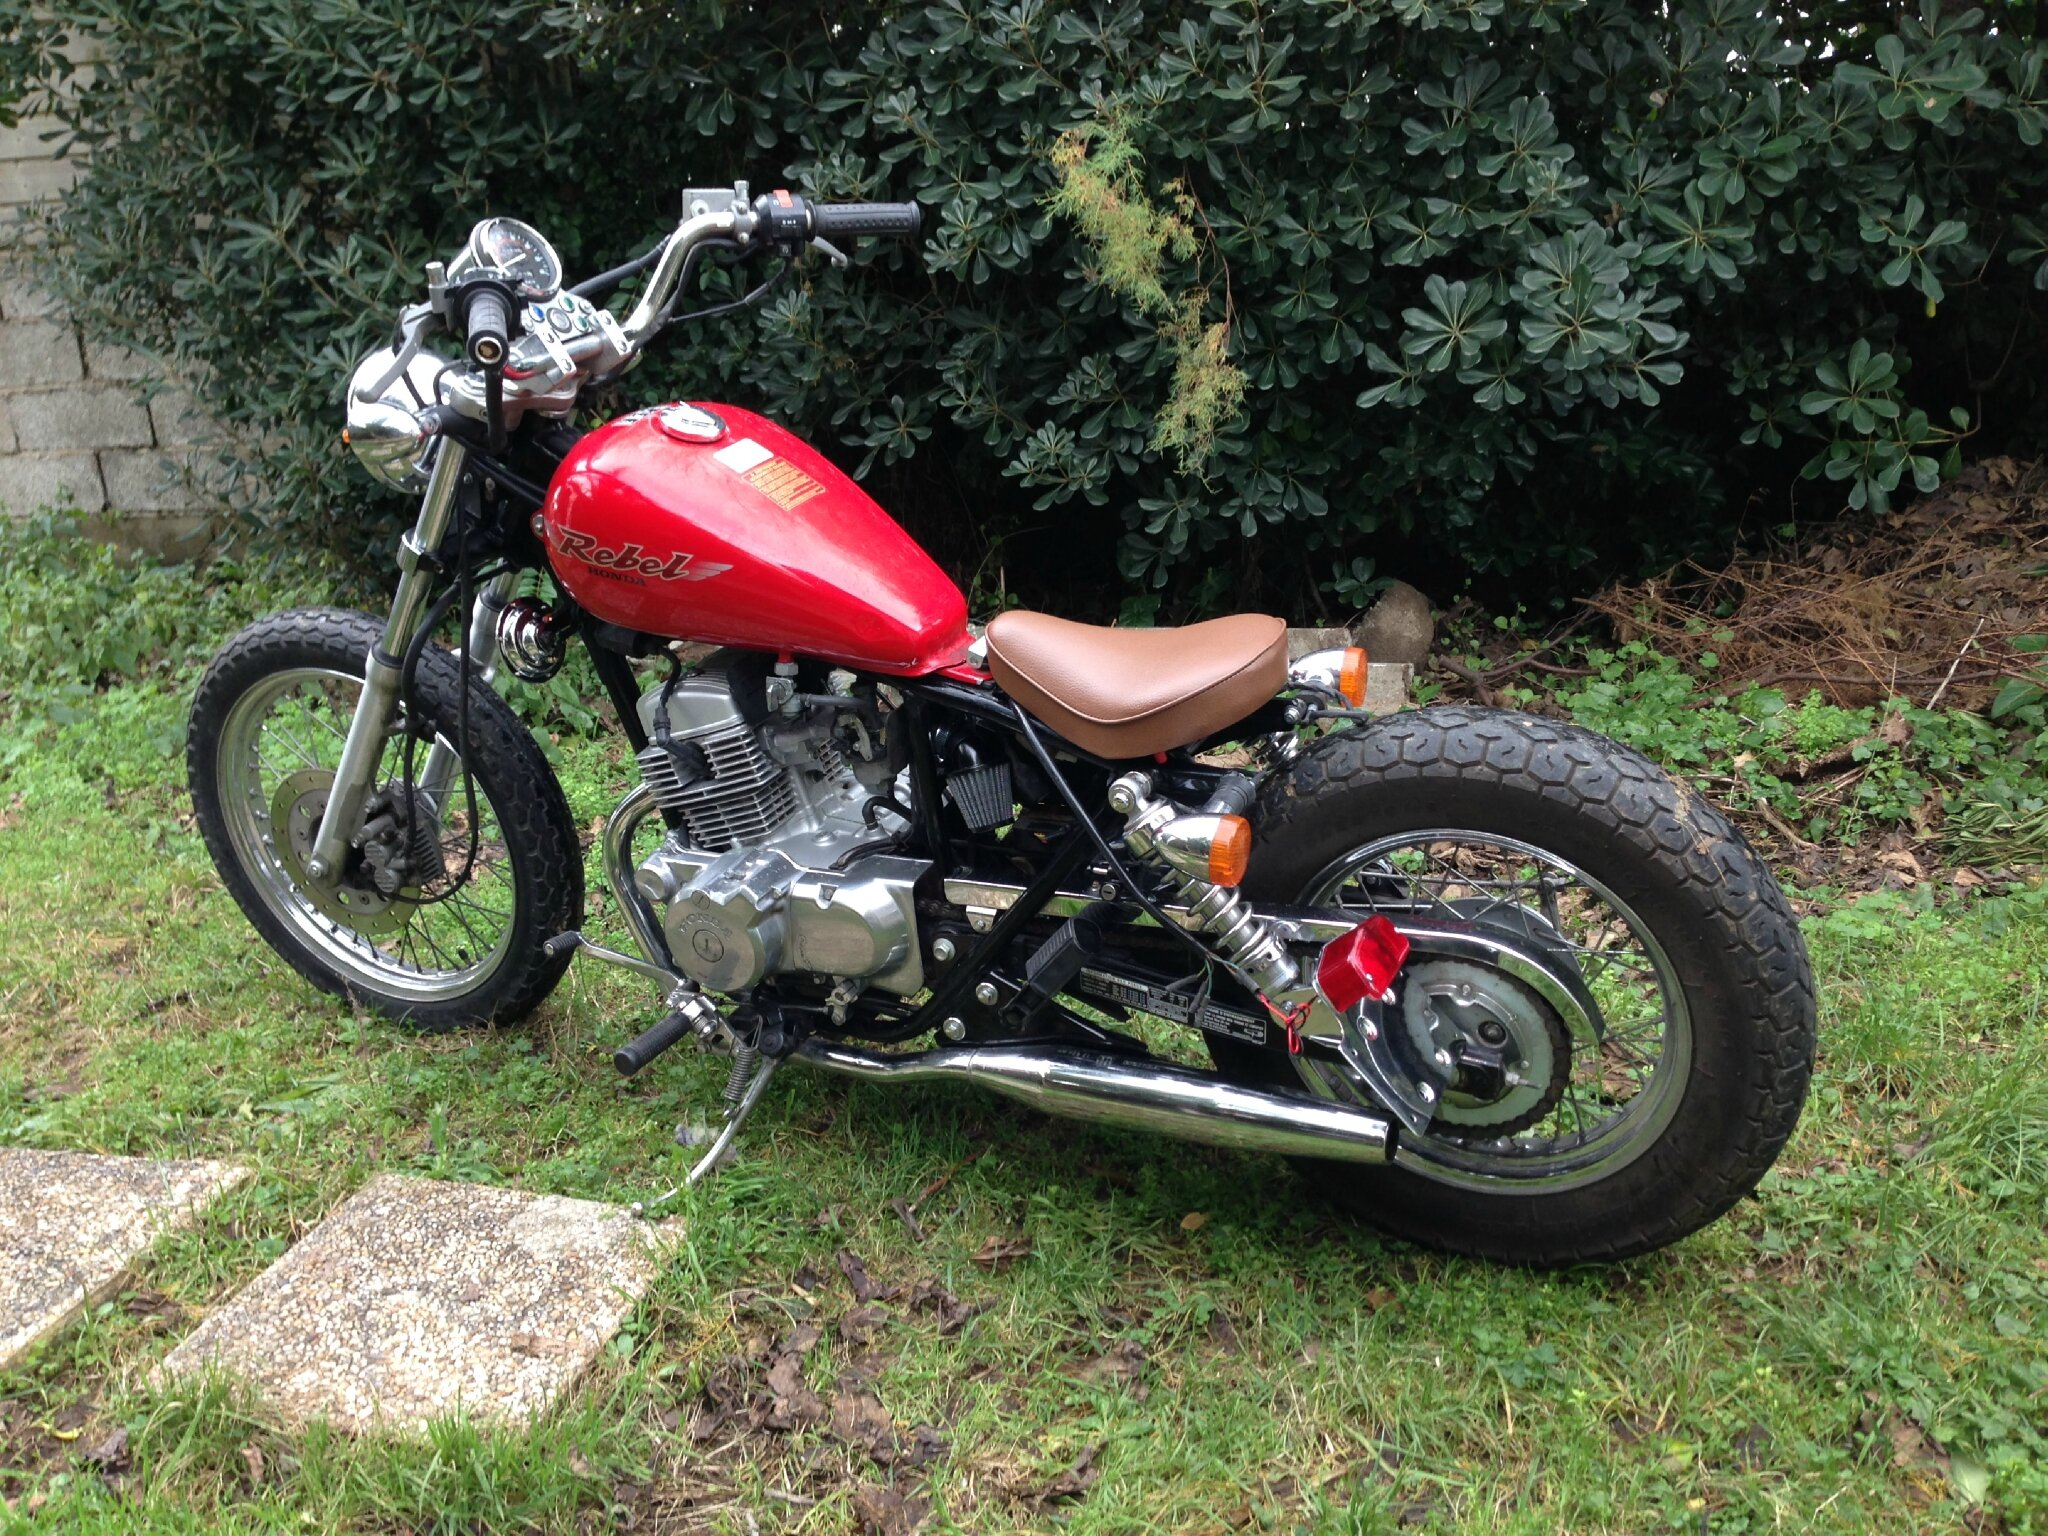 Honda Shadow 831983 500 Vt500c Sold Youtube 1984 1983 Bobber Rebel